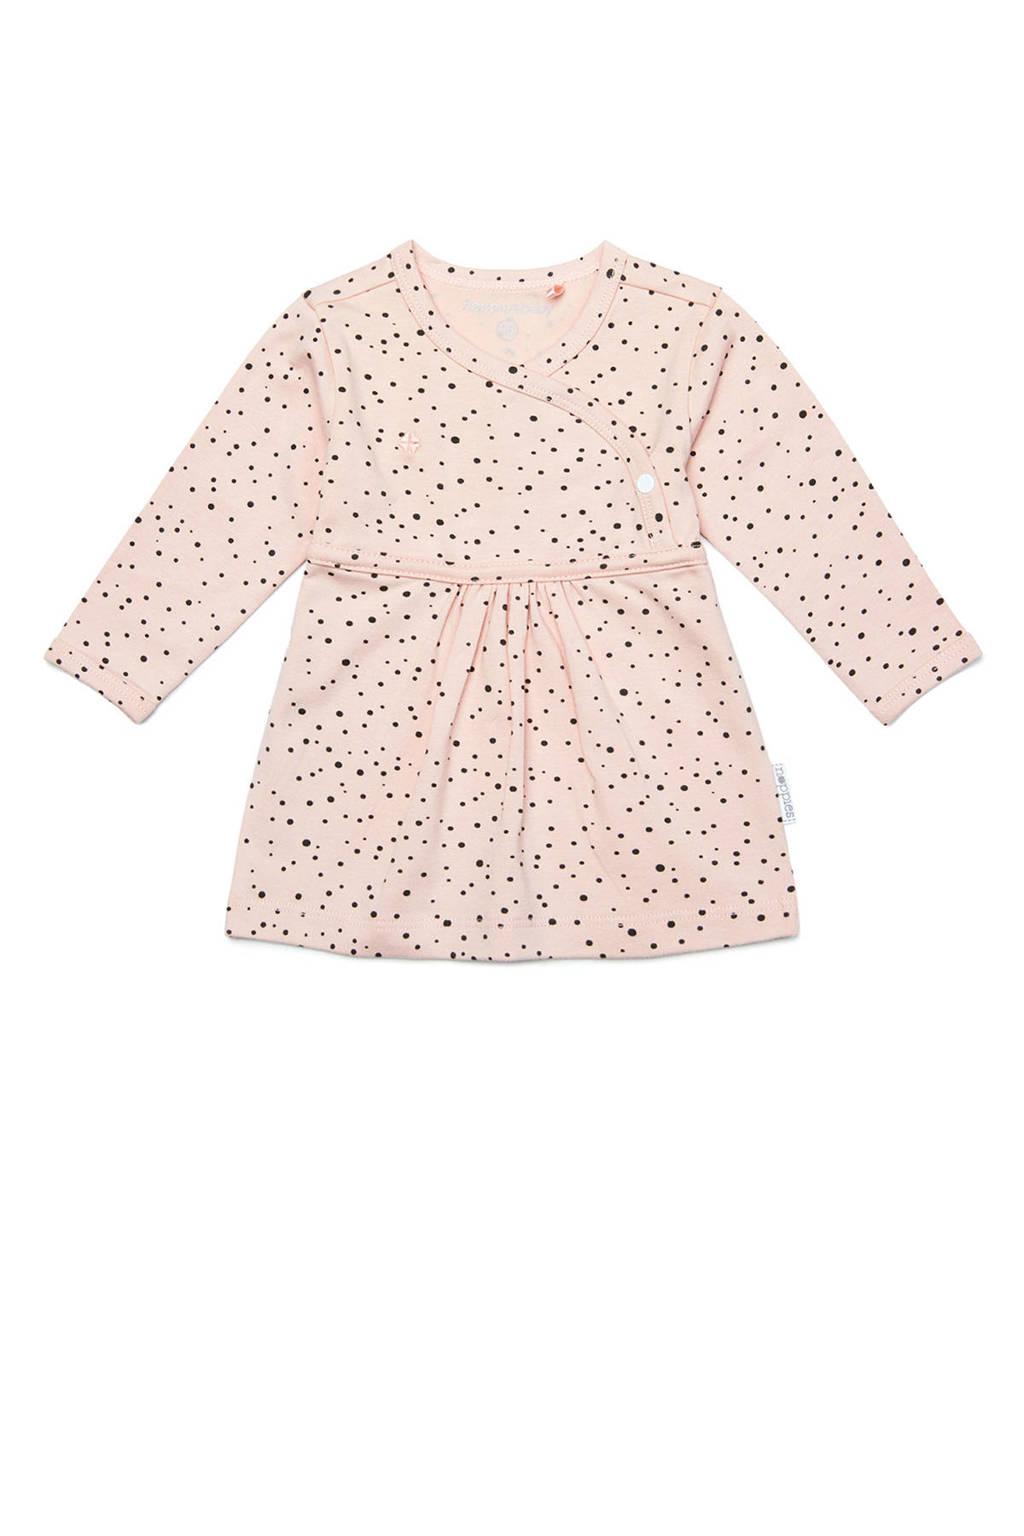 Noppies jersey jurk Liz met stippen en plooien lichtroze/zwart, Peach Skin-P214